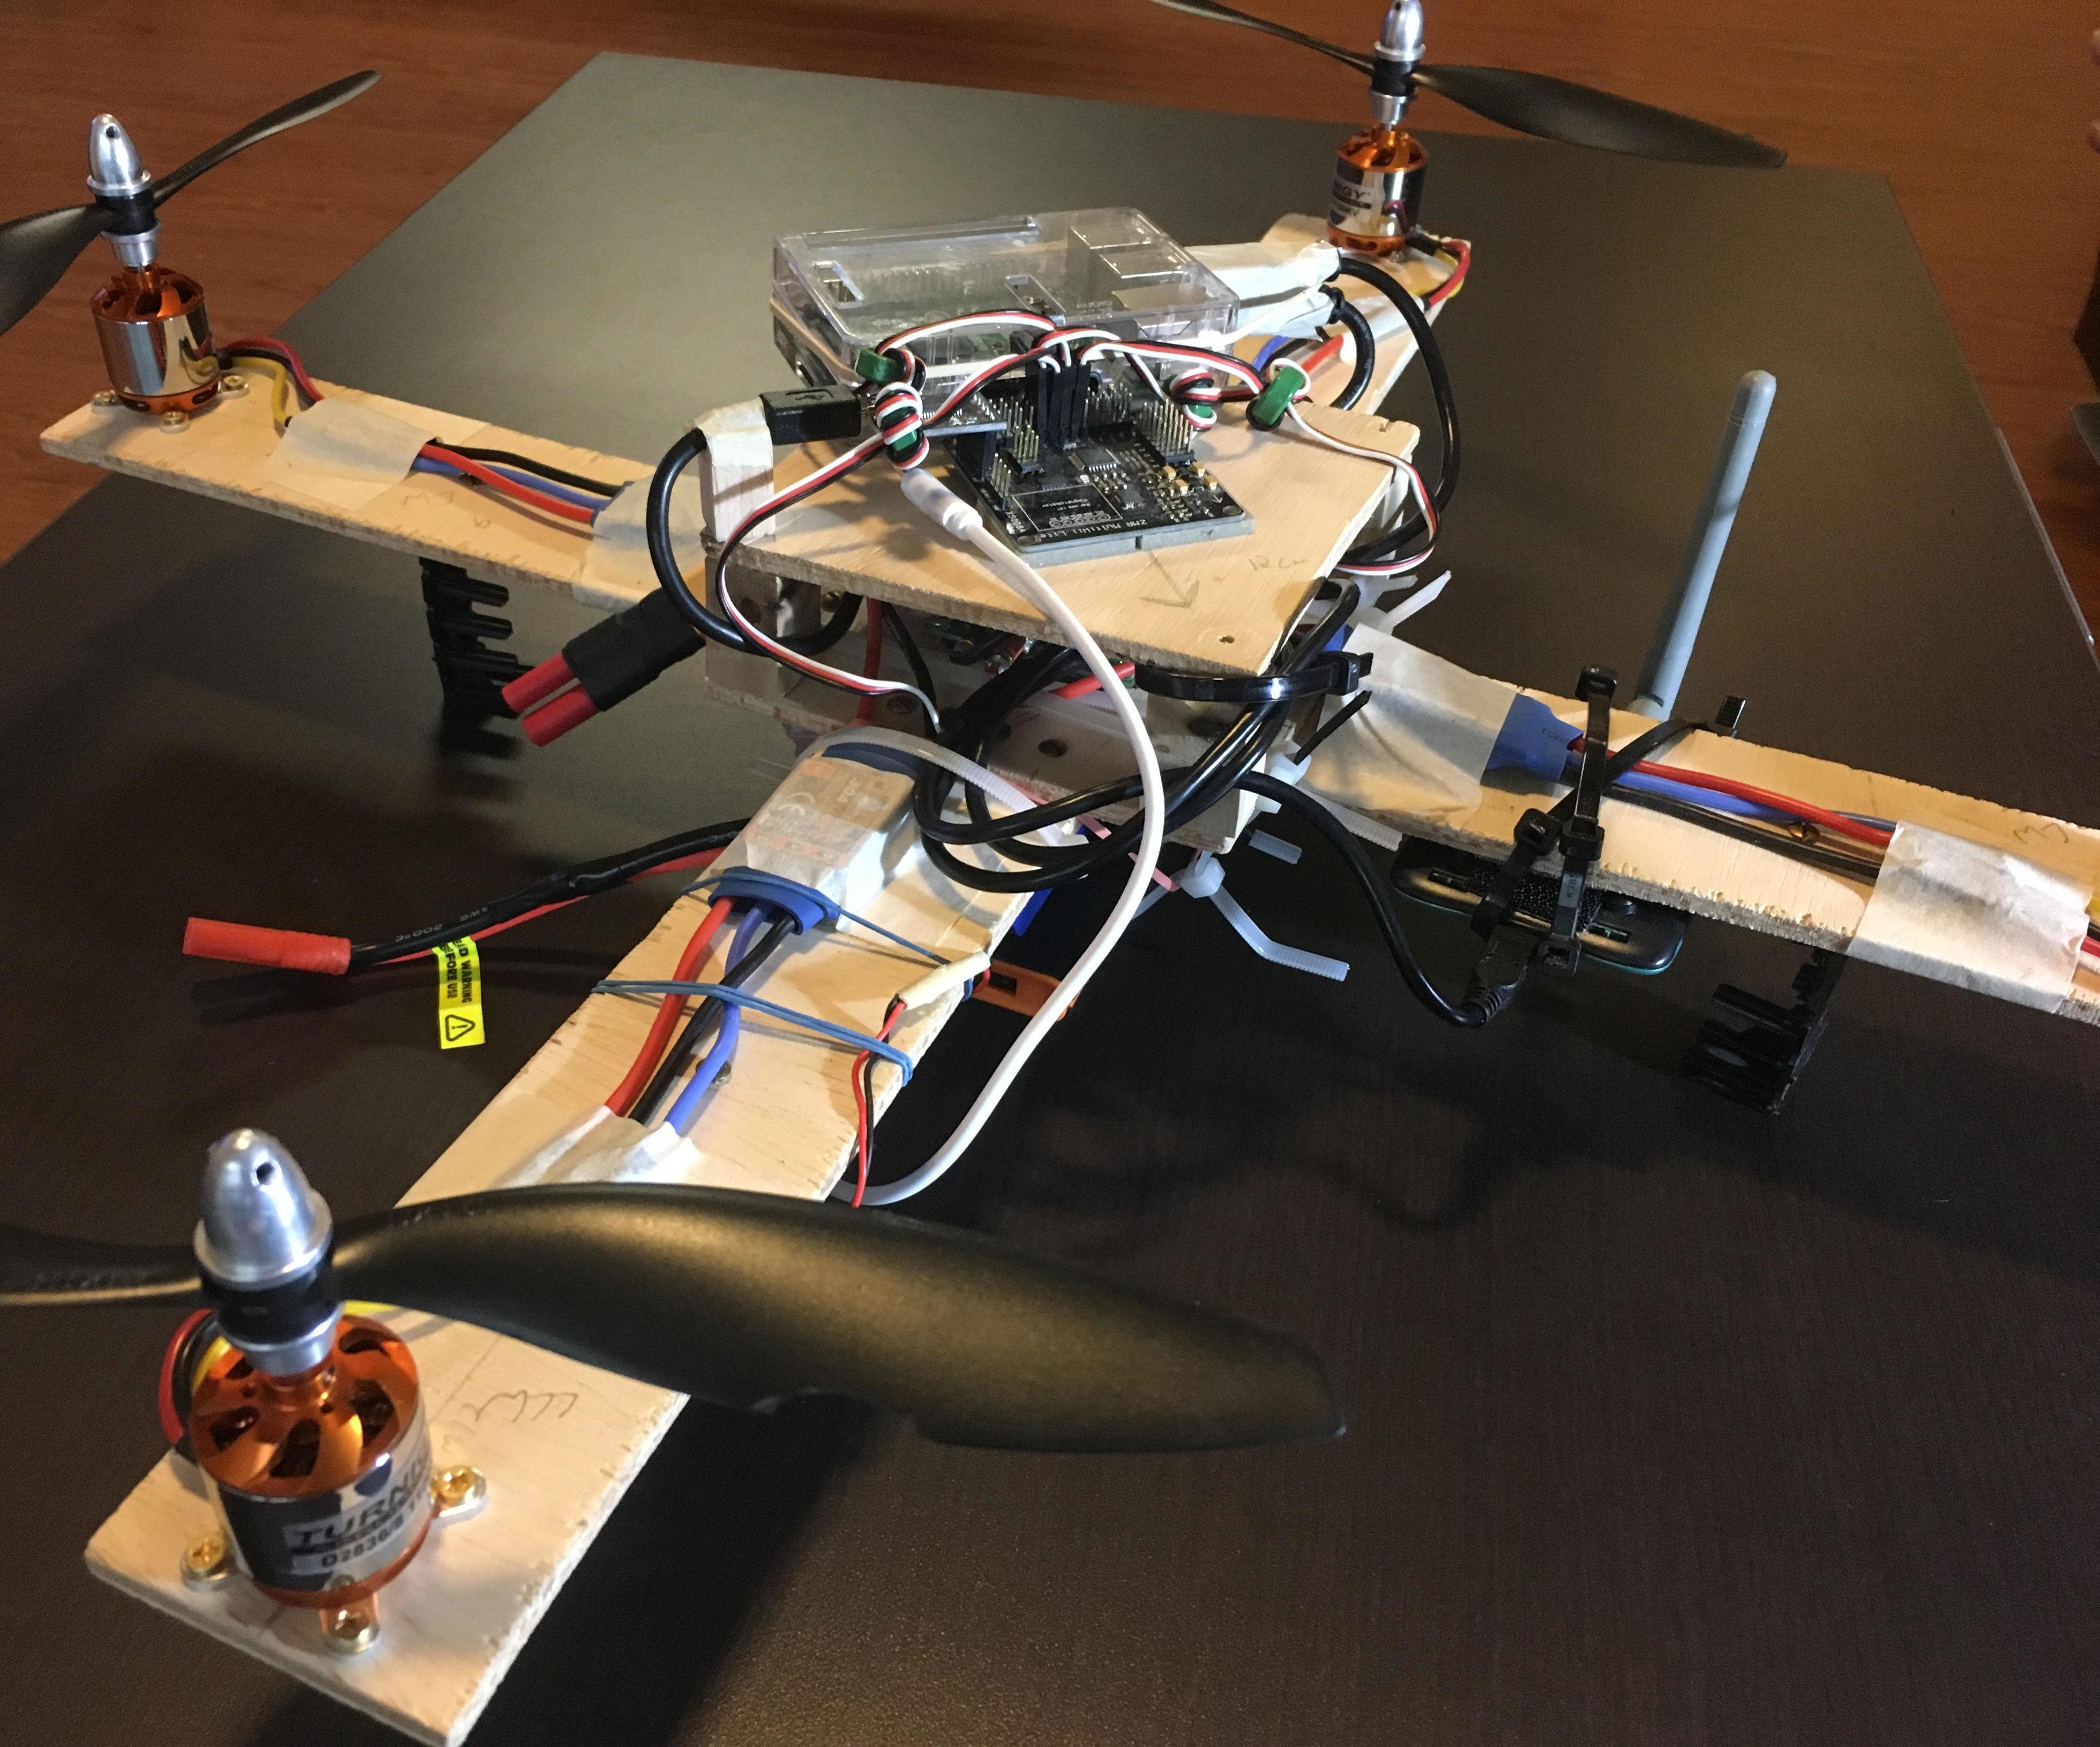 The Pi Quadcopter